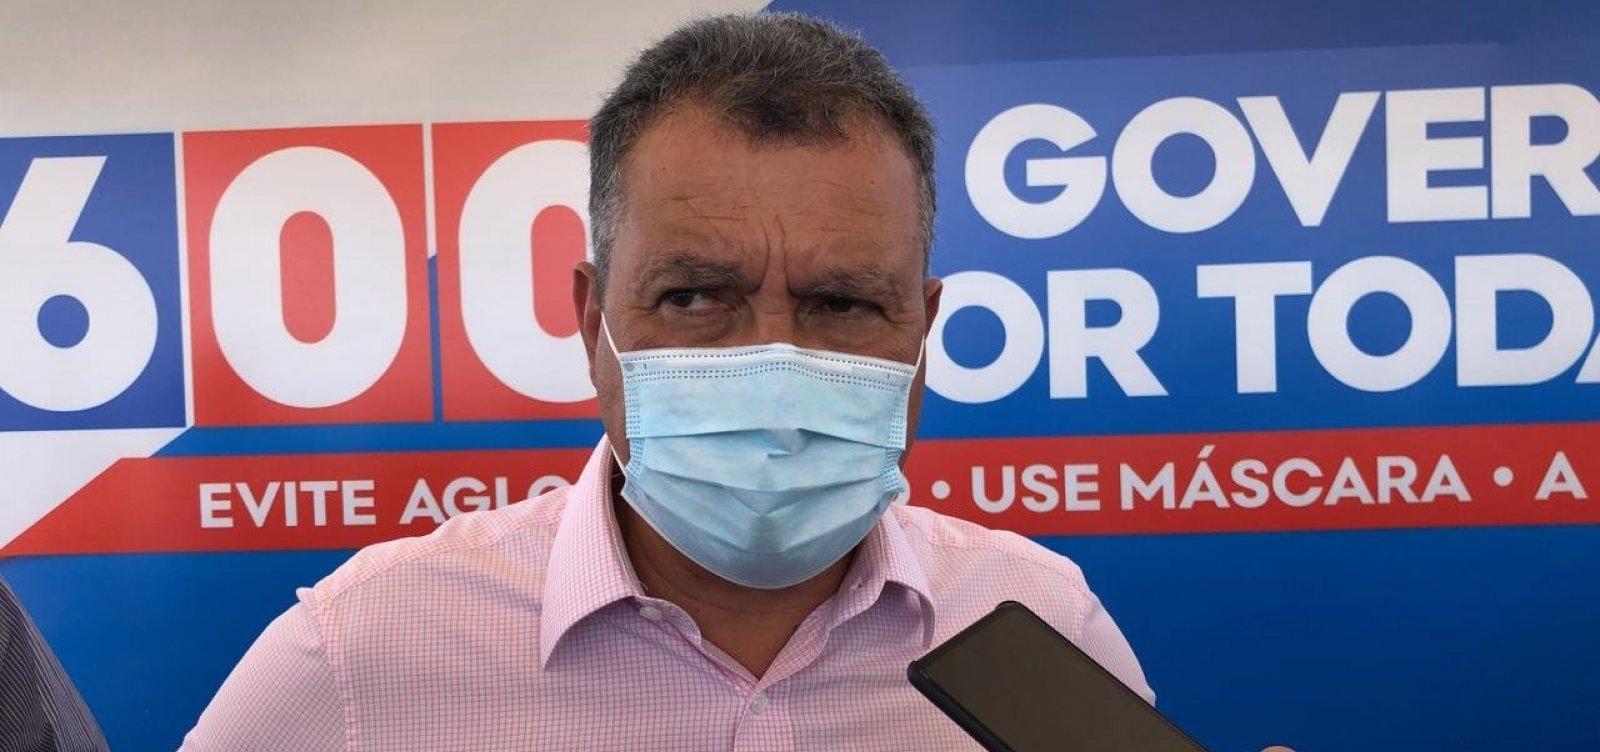 [Covid-19: governadores querem celeridade e ministro avalia aprovação de vacinas em fevereiro]